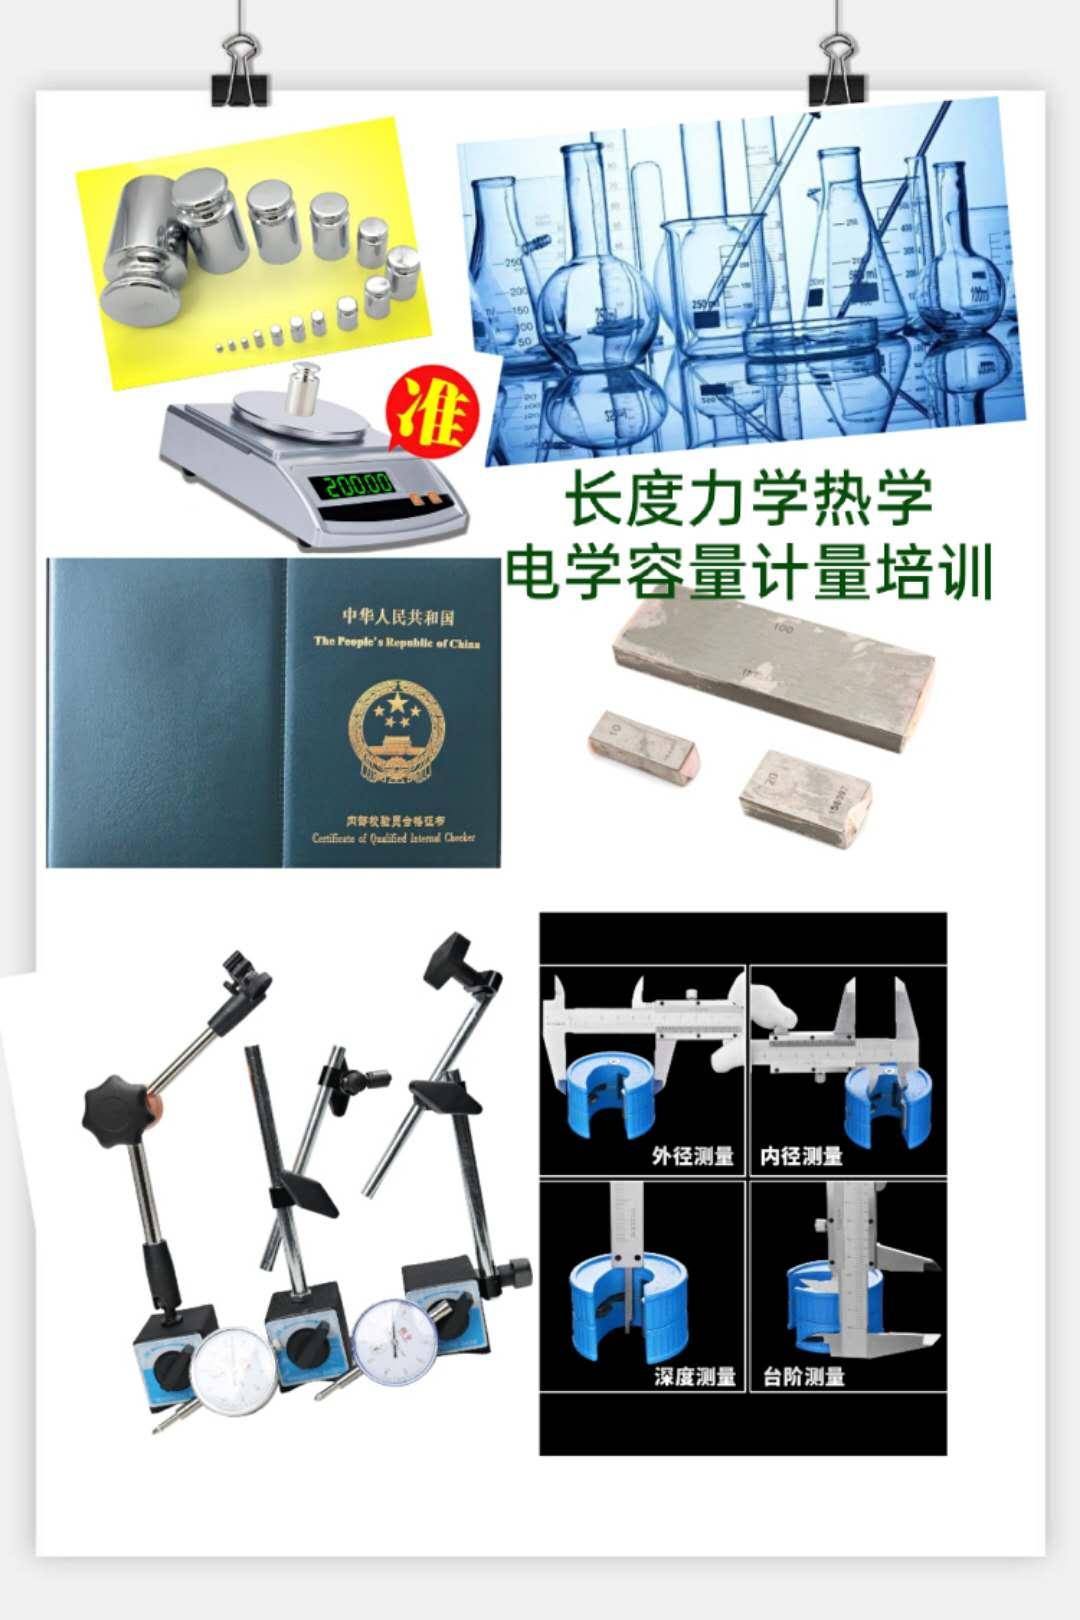 广州计量校准内校员资格证培训管理规范